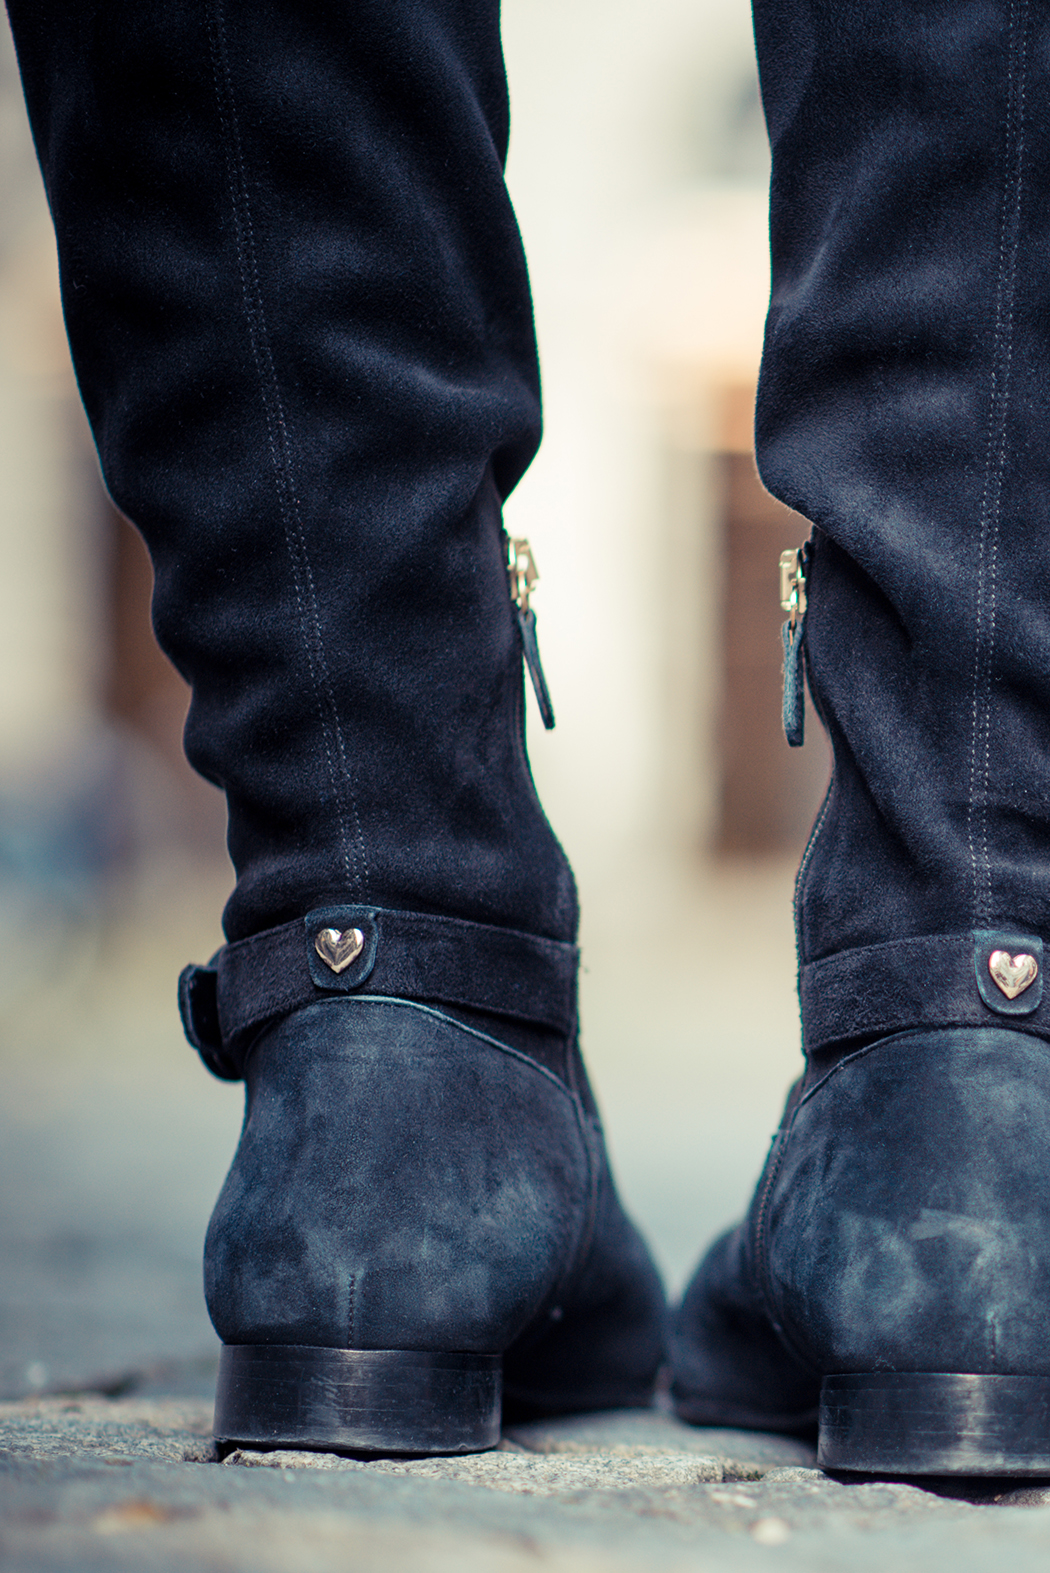 Fashionblog-Fashionblogger-Fashion-Blog-Blogger-Lifestyle-München-Deutschland-Munich-Germany-Streetstyle-Lagenlook-Chloe-Hudson-Embellished-Overknees-schwarz-13-web